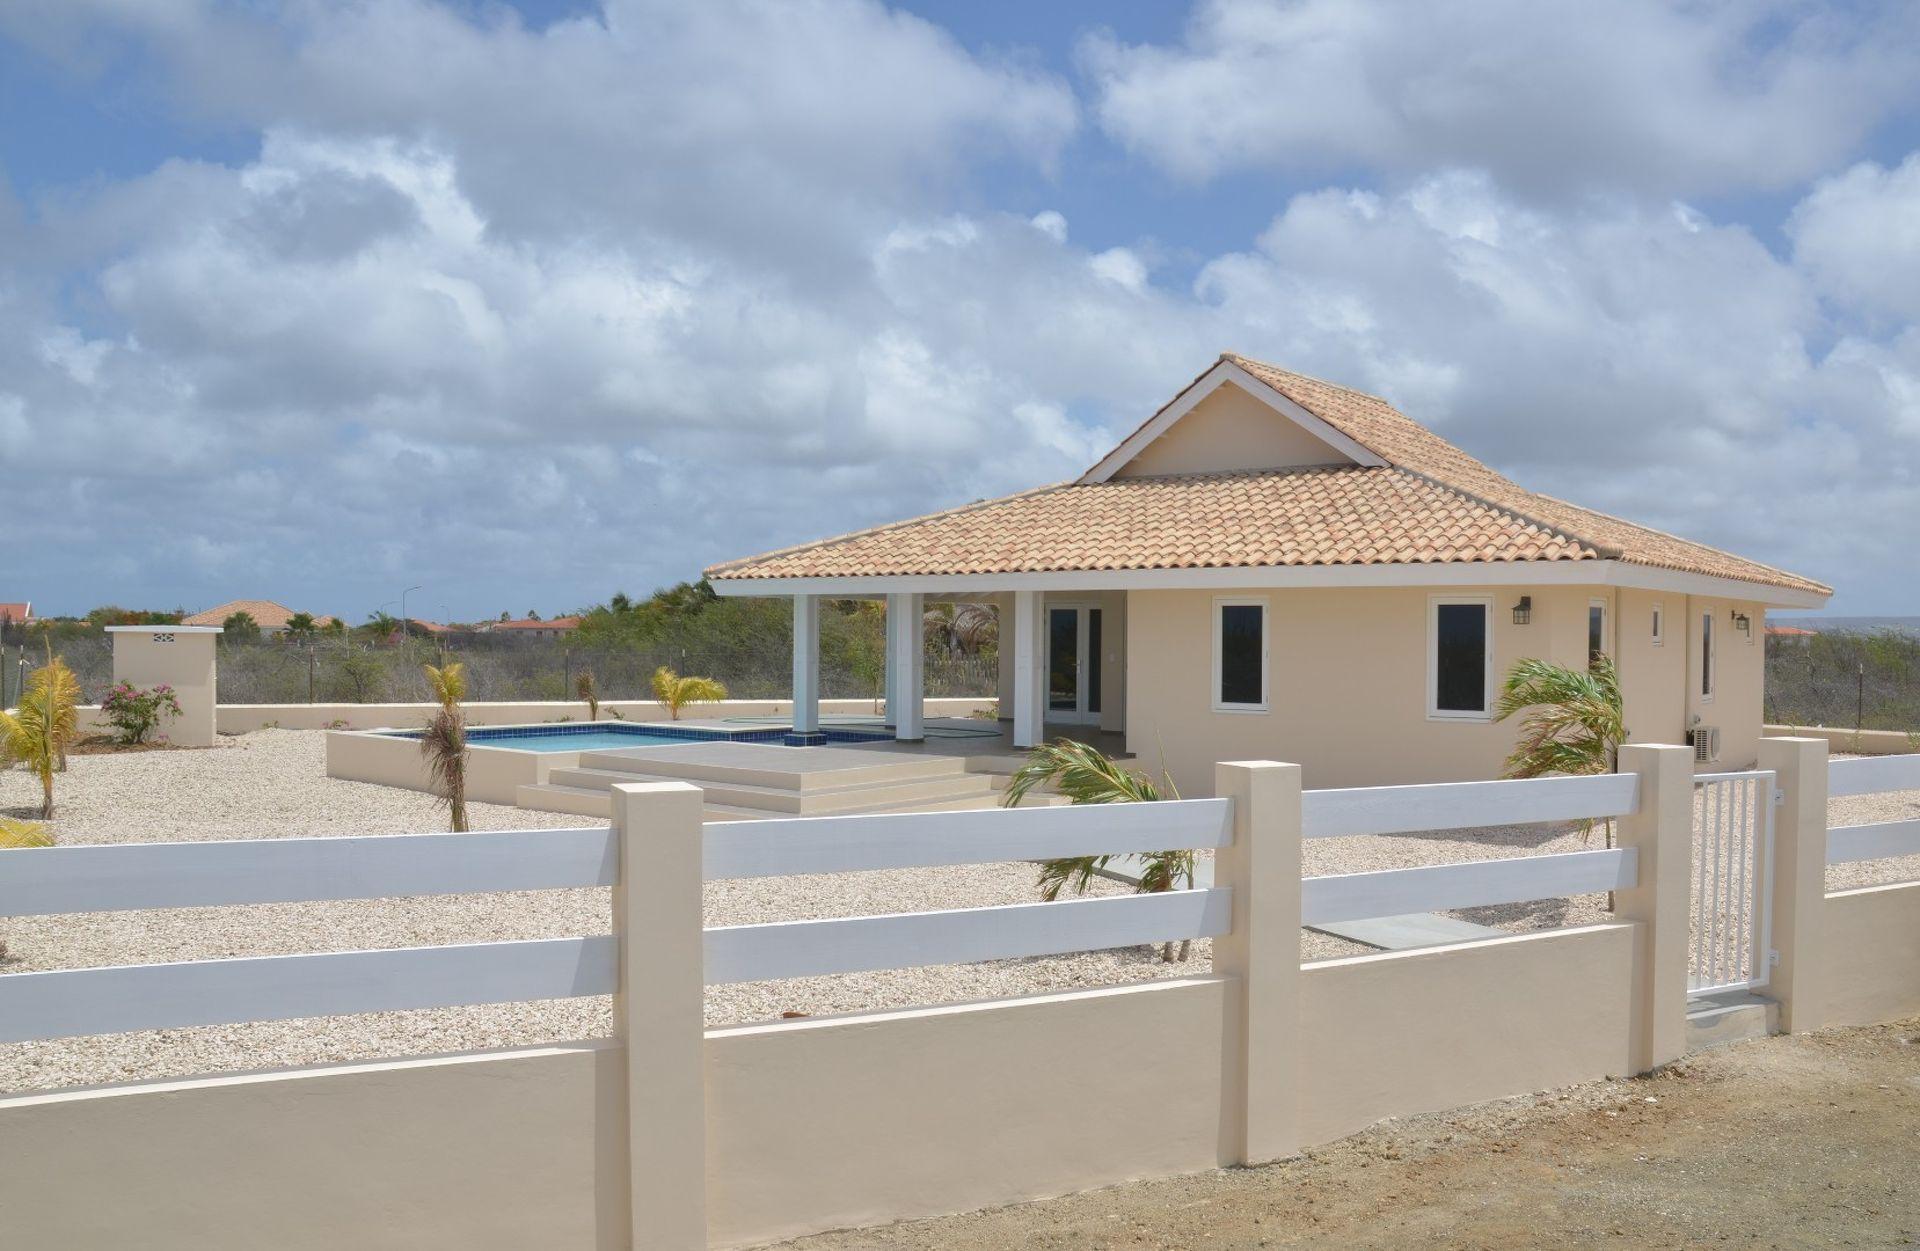 Woning huren op Bonaire voor lange termijn